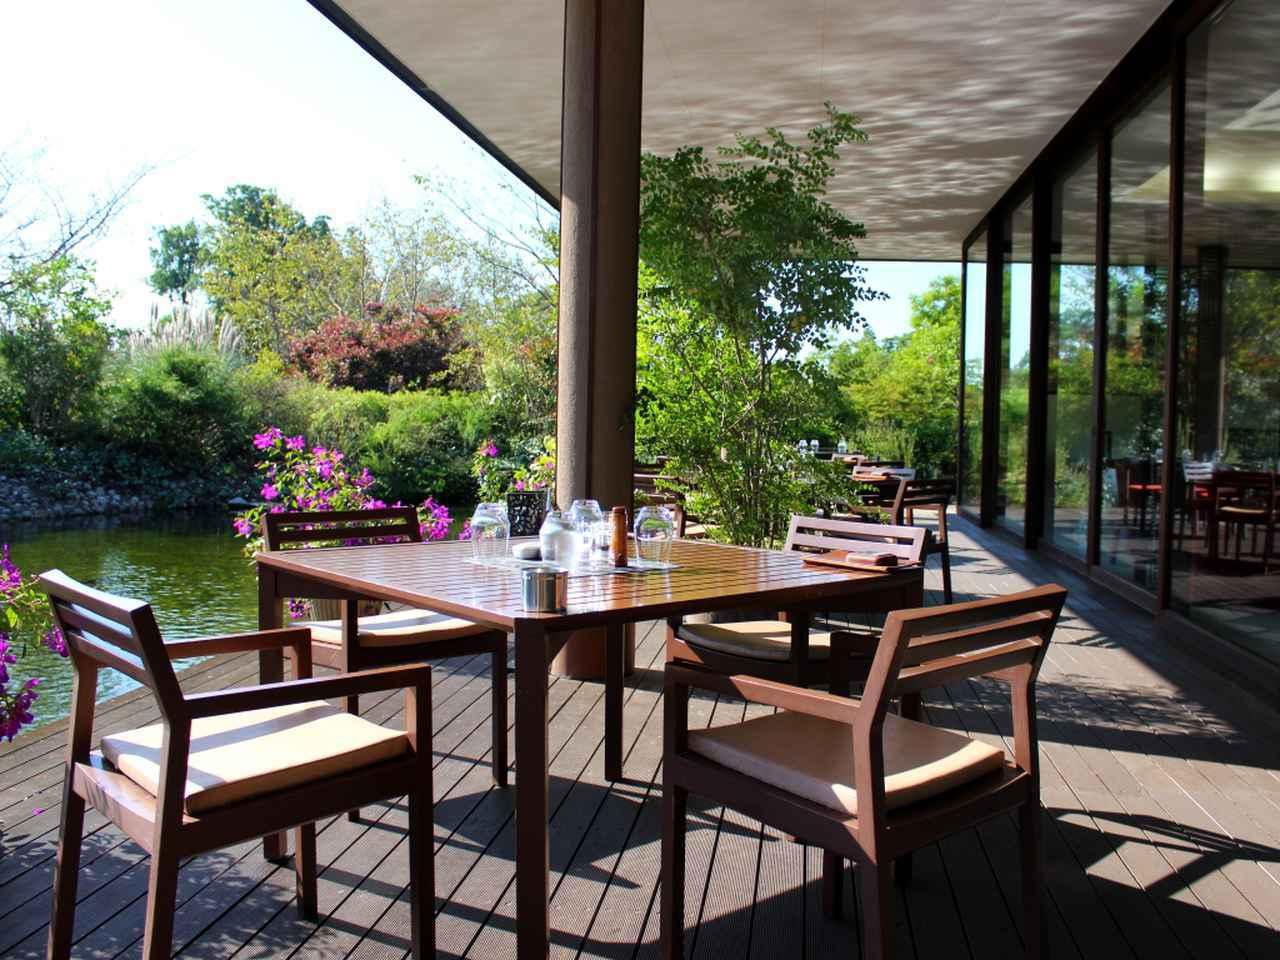 画像2: レストランでは本格料理でおもてなし。 ワイン好きは、ぜひソムリエのおすすめを堪能してみては